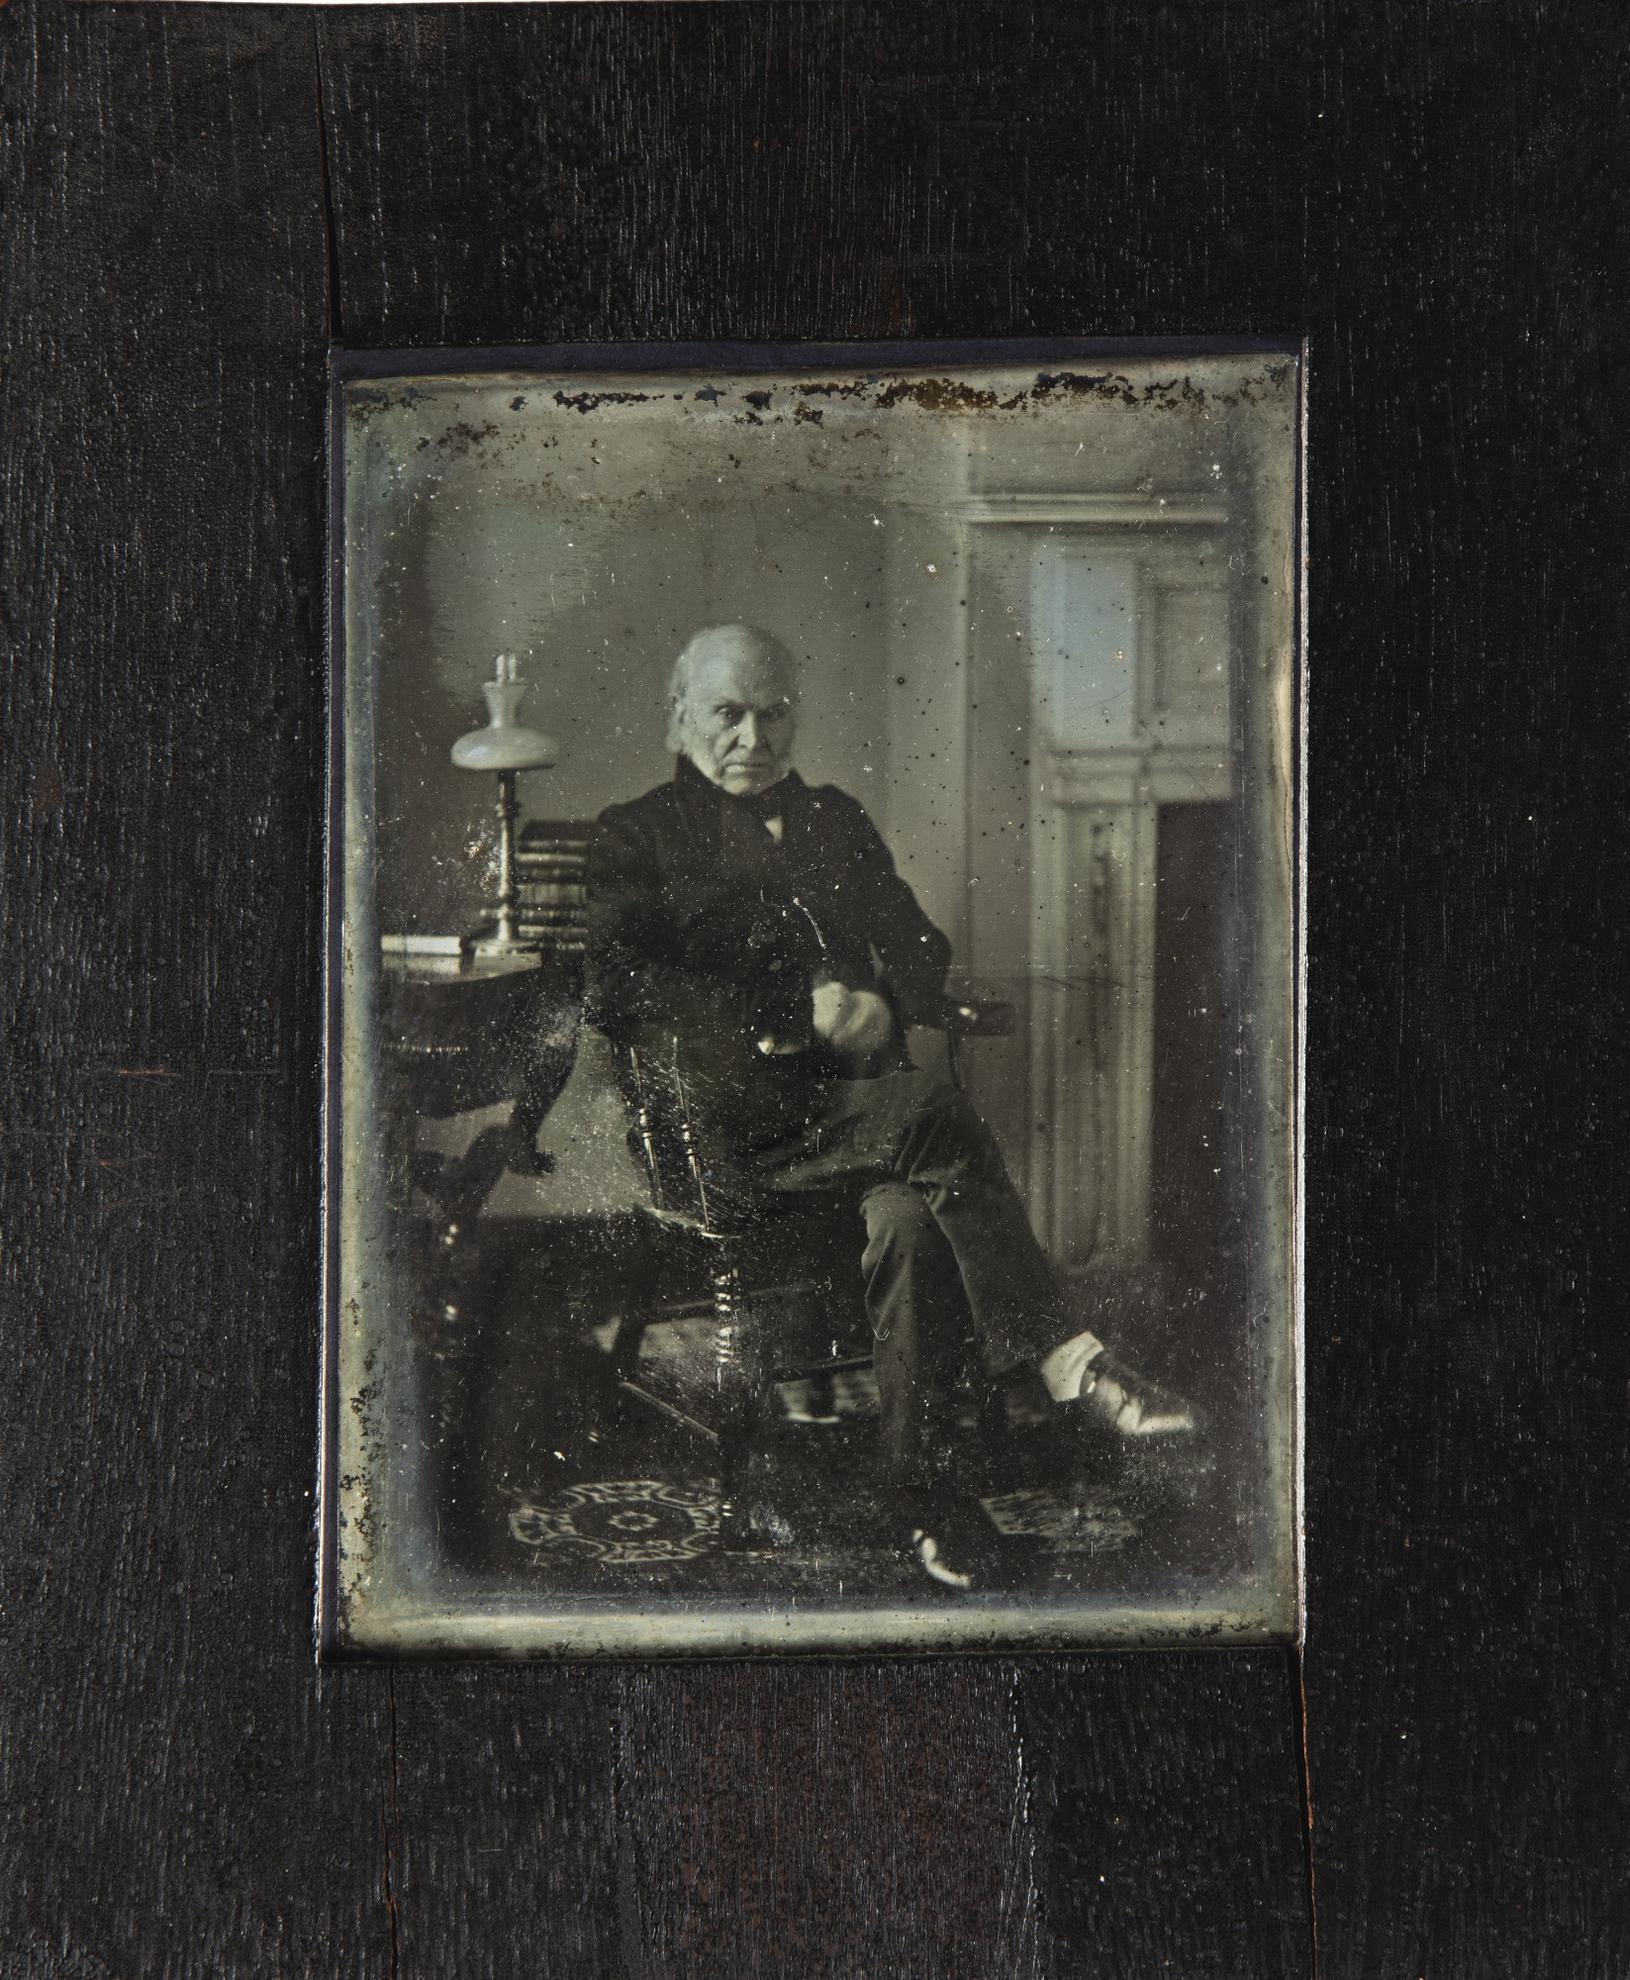 Philip Haas - John Quincy Adams-1843